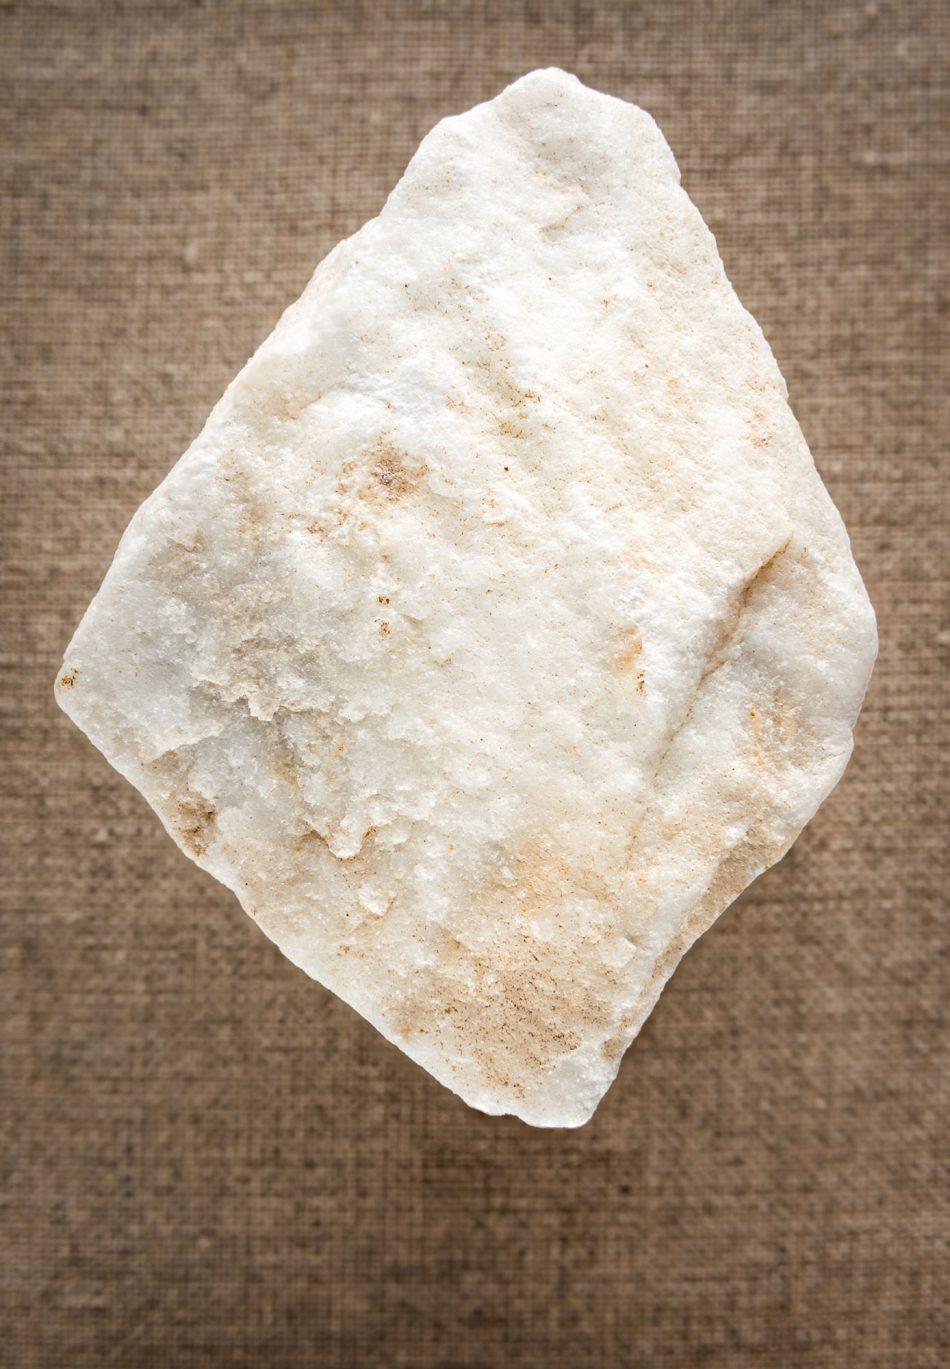 Productfoto van een stuk marmer uit Carrara (Italië)